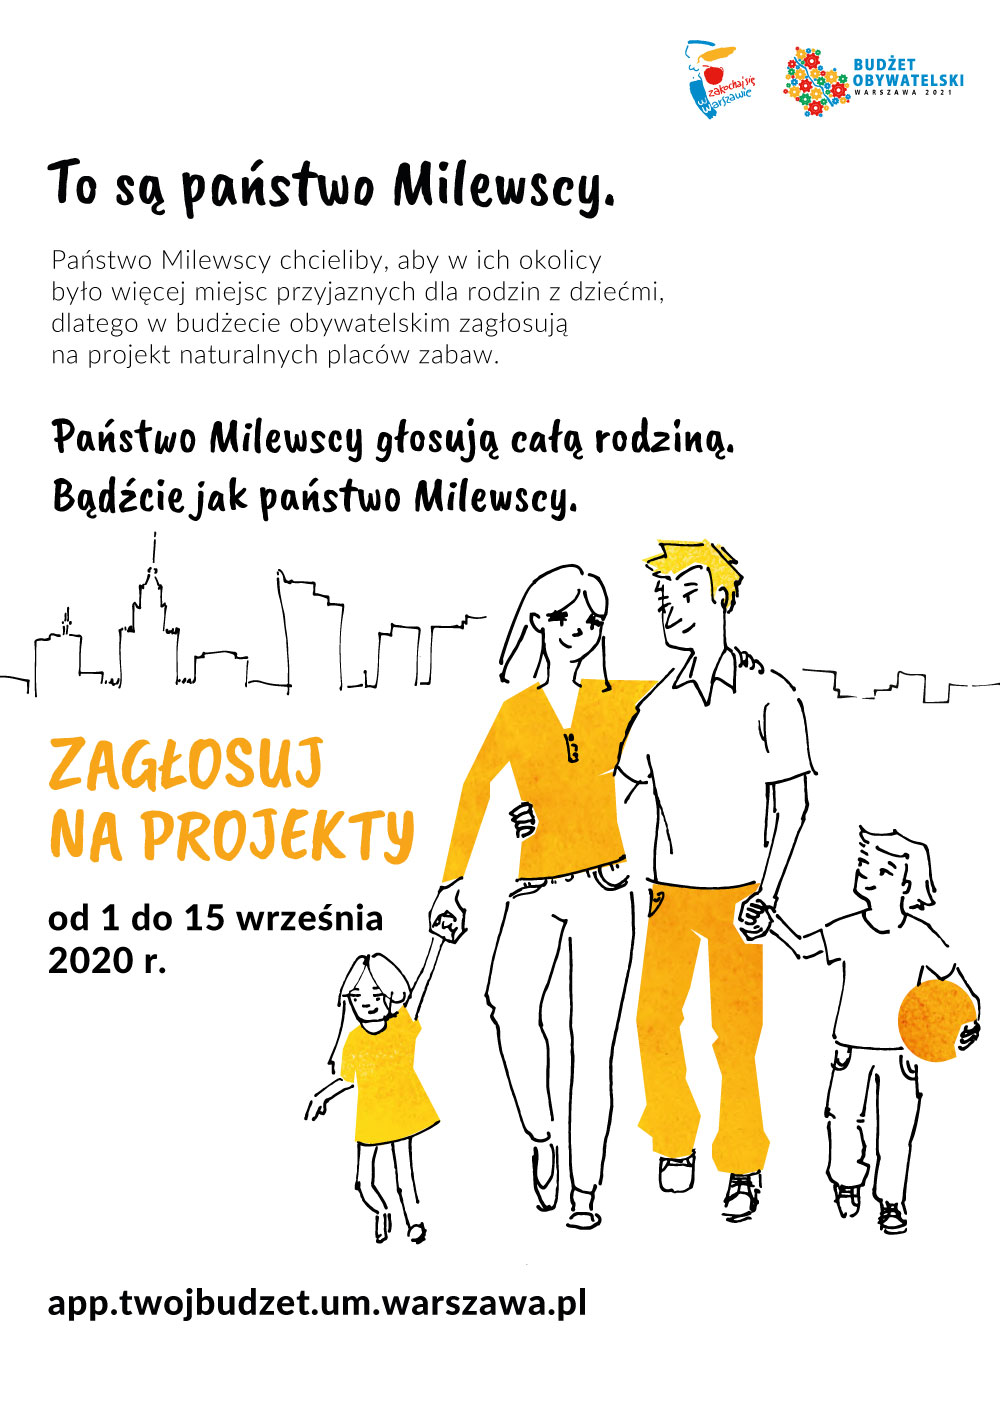 plakat budżet obywatelski Warszawa 2021